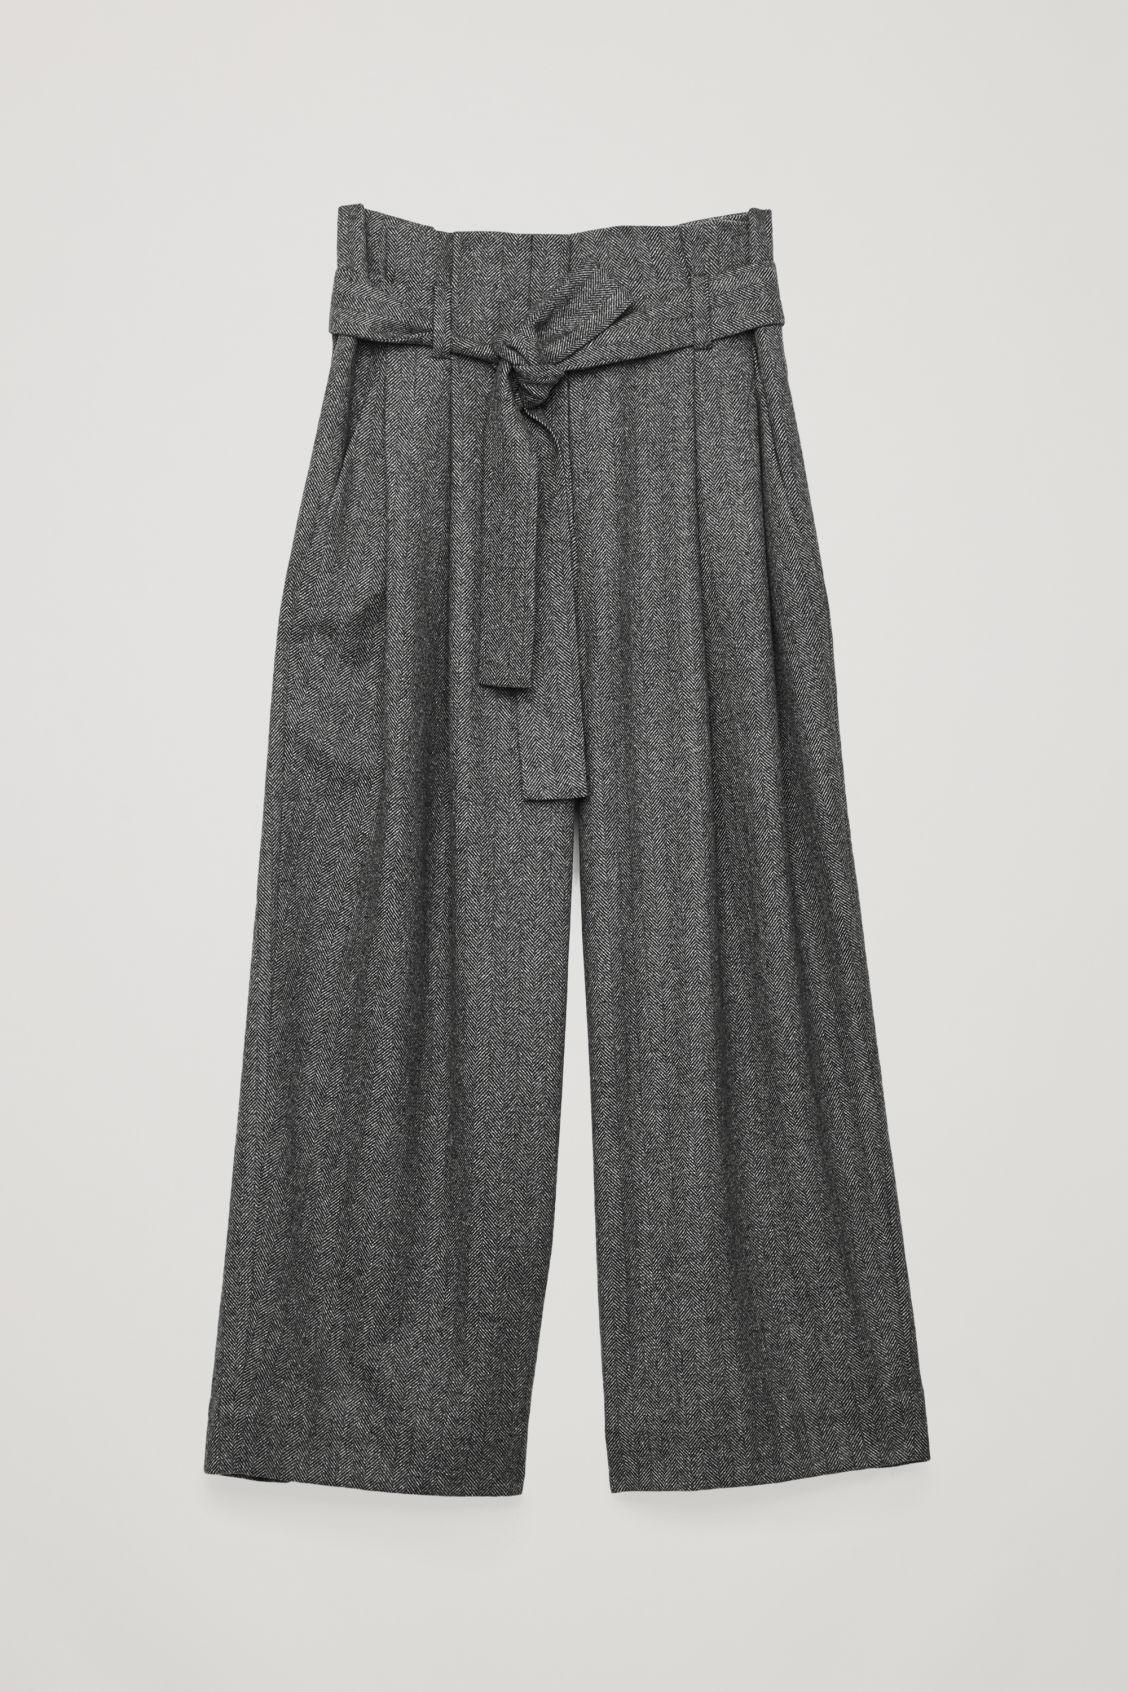 Cos Belted Herringbone Wool Trousers In Grey